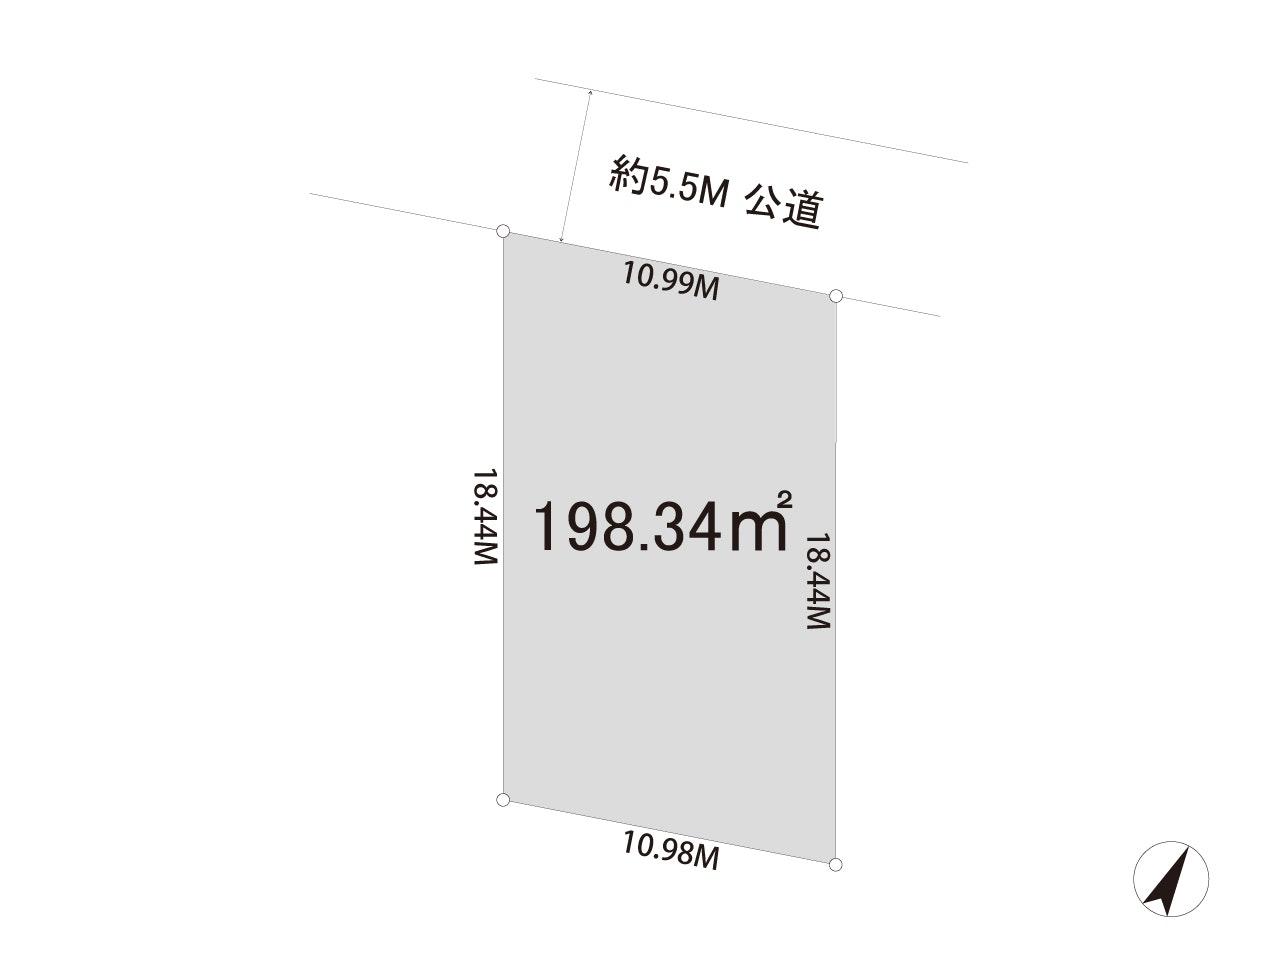 b1040_land_001.jpg